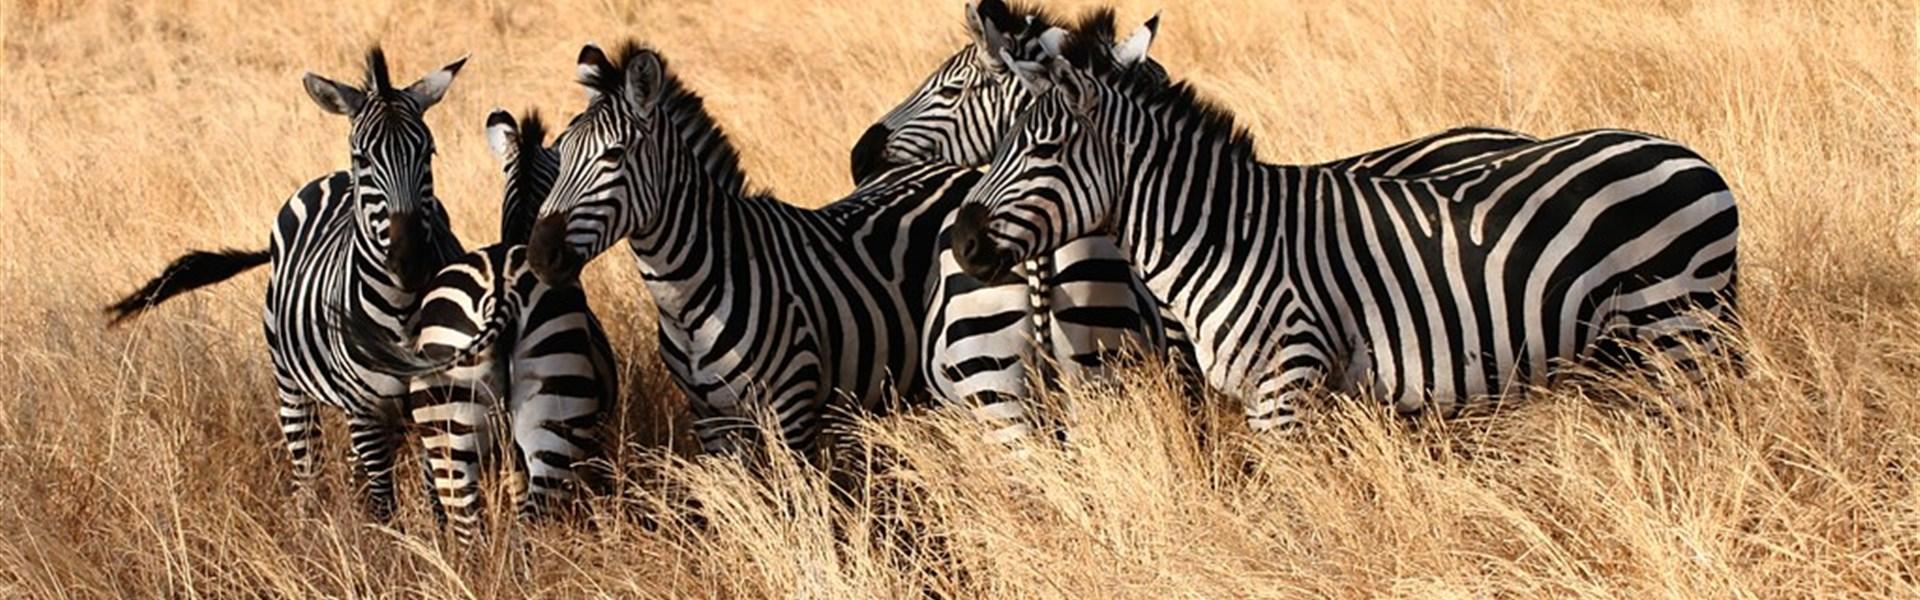 Luxusní Tanzanie - Varianta - 3 noci safari a Zanzibar (Zuri) -